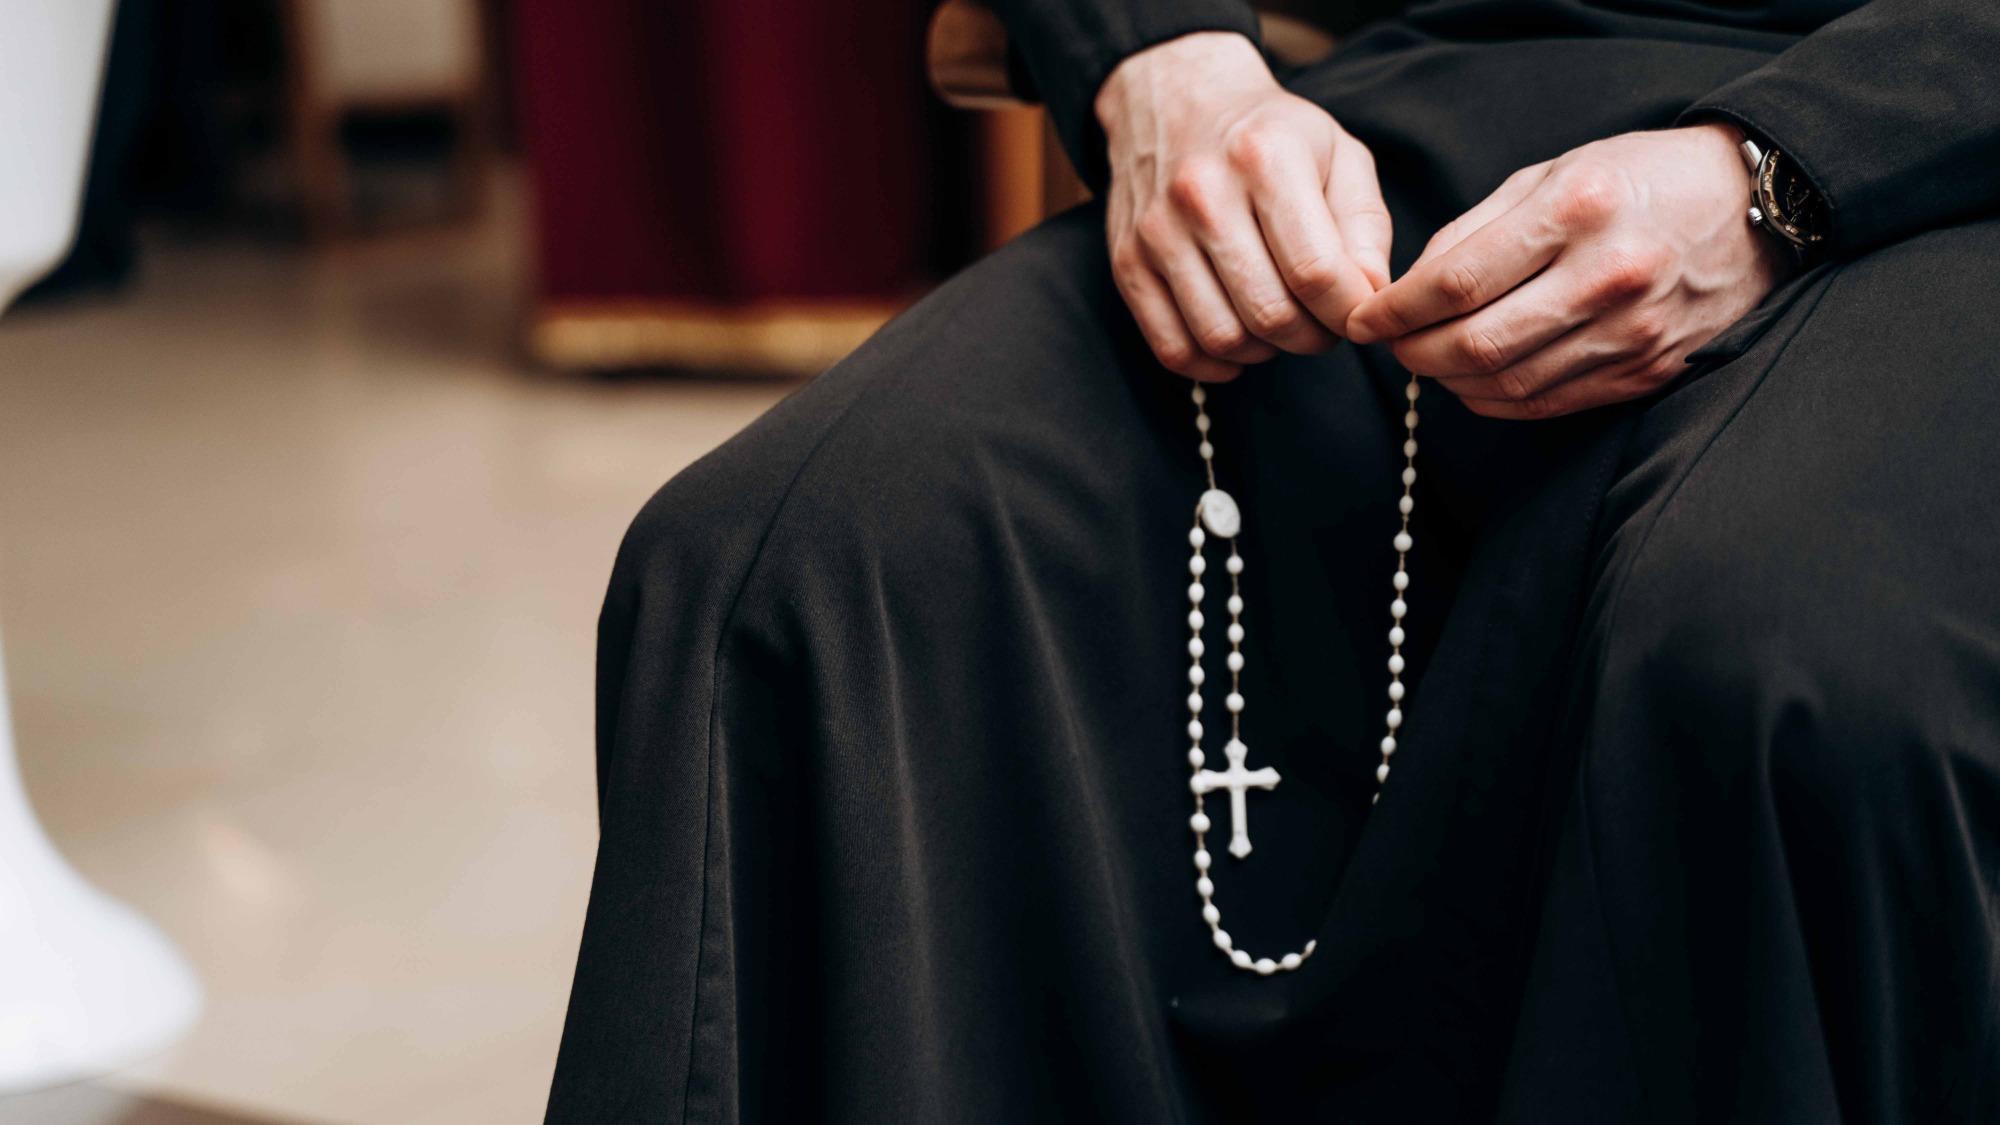 Франківців запрошують на онлайн-молитву Вервиці до Дня матері